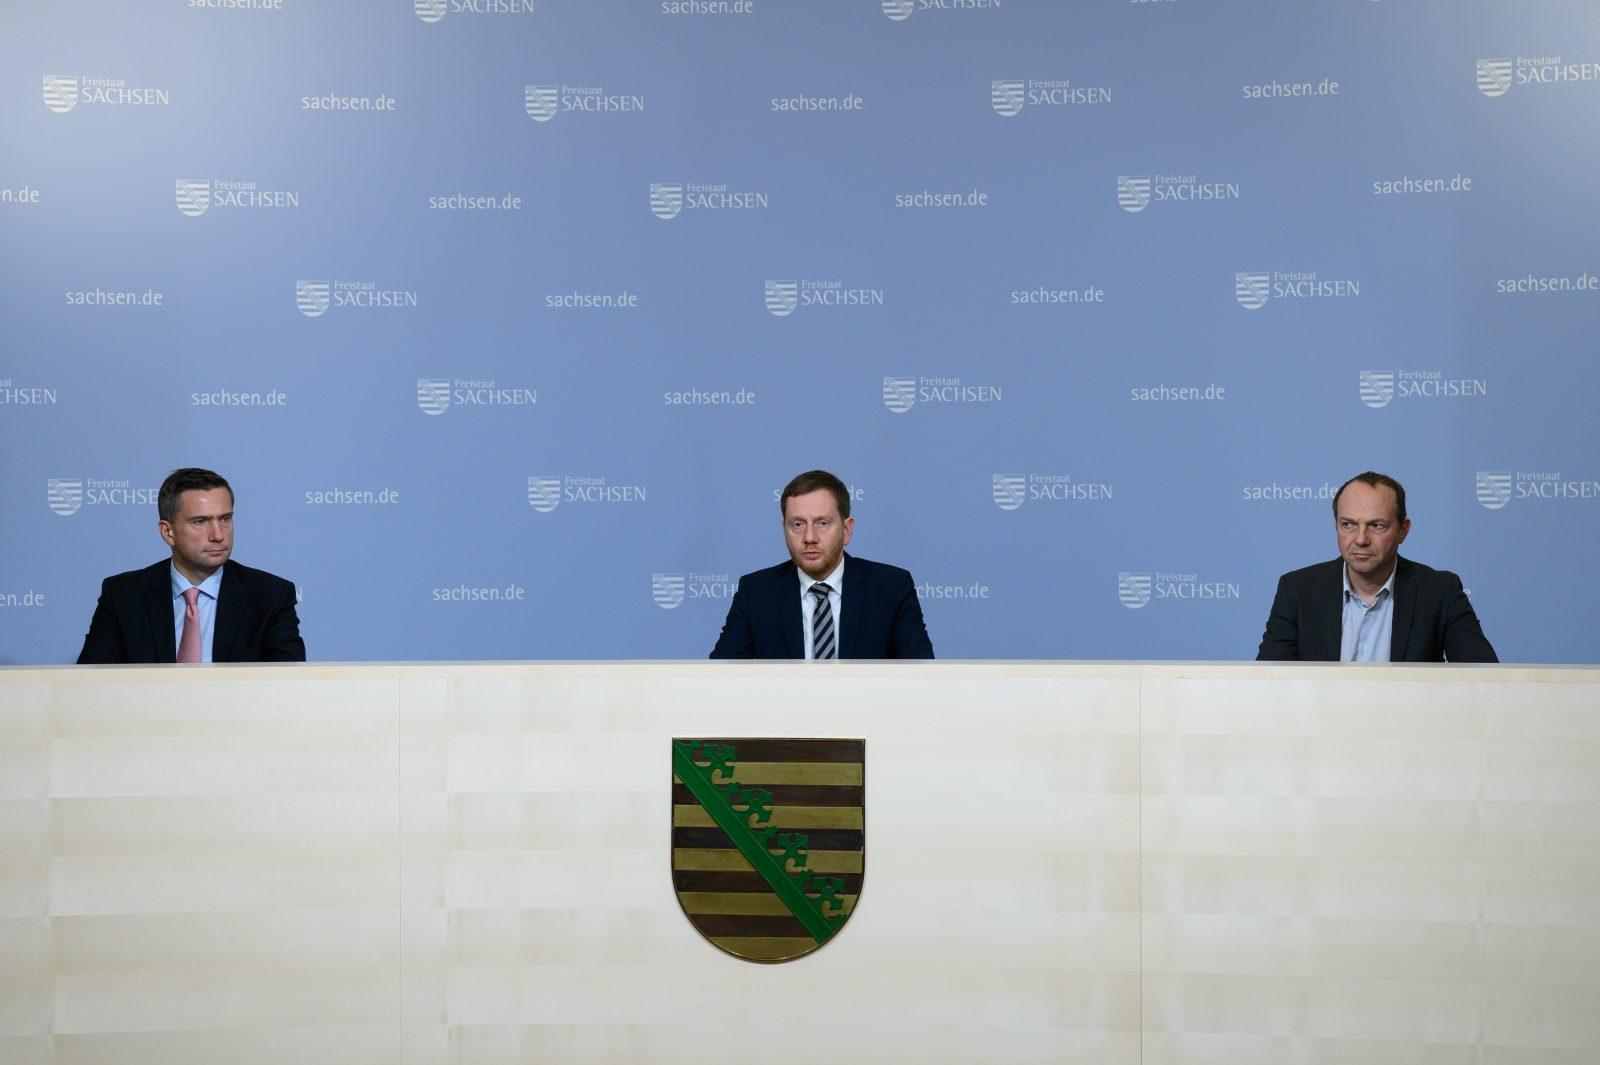 Sachsens Ministerpräsident Michael Kretschmer (CDU, m.) mit Wirtschaftsminister Martin Dulig (SPD, l.) und Umweltminister Wolfram Günther (Grüne, r.)